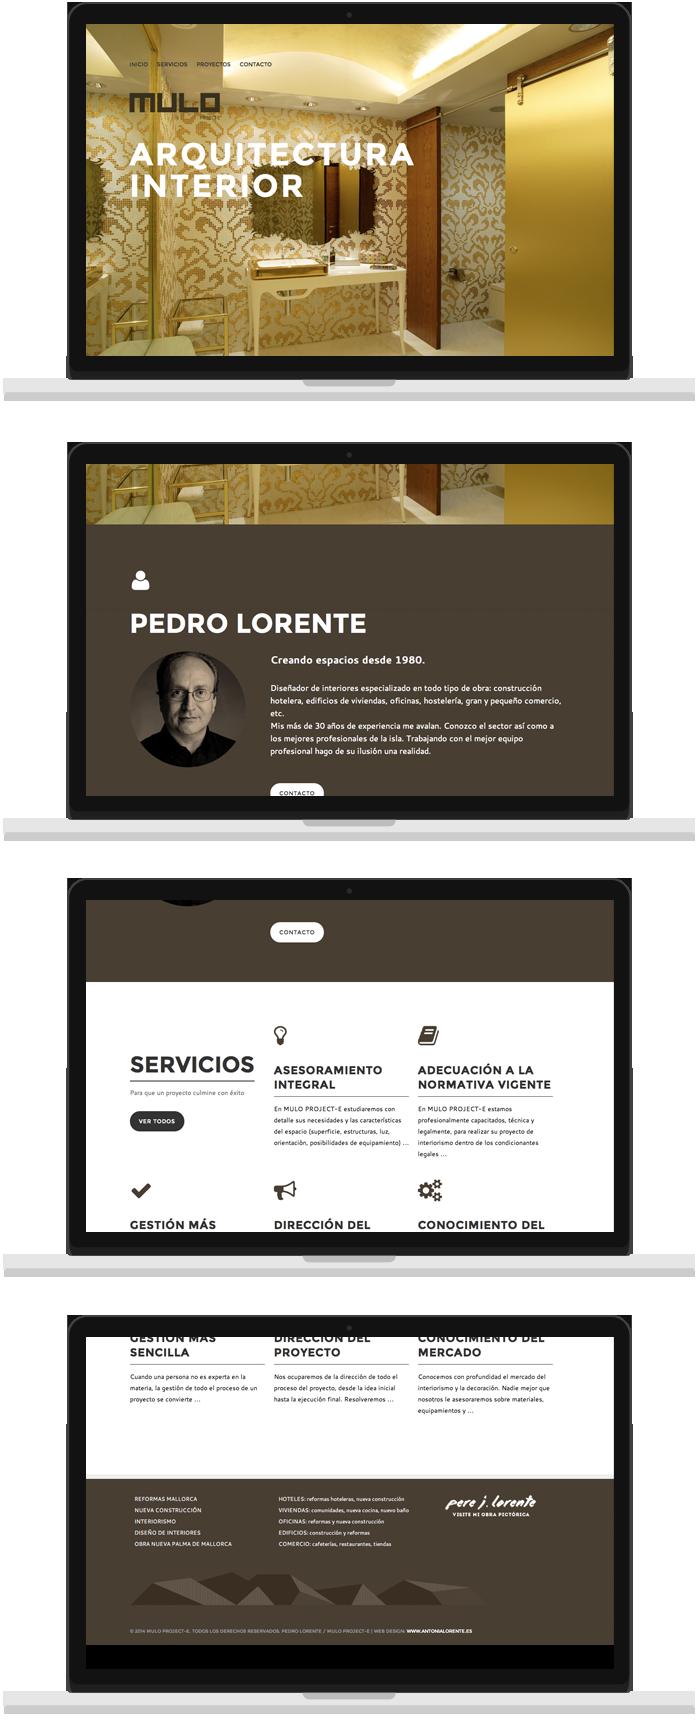 antonia-lorente-disseny-grafic-pedro-lorente-mulo-project-e_web